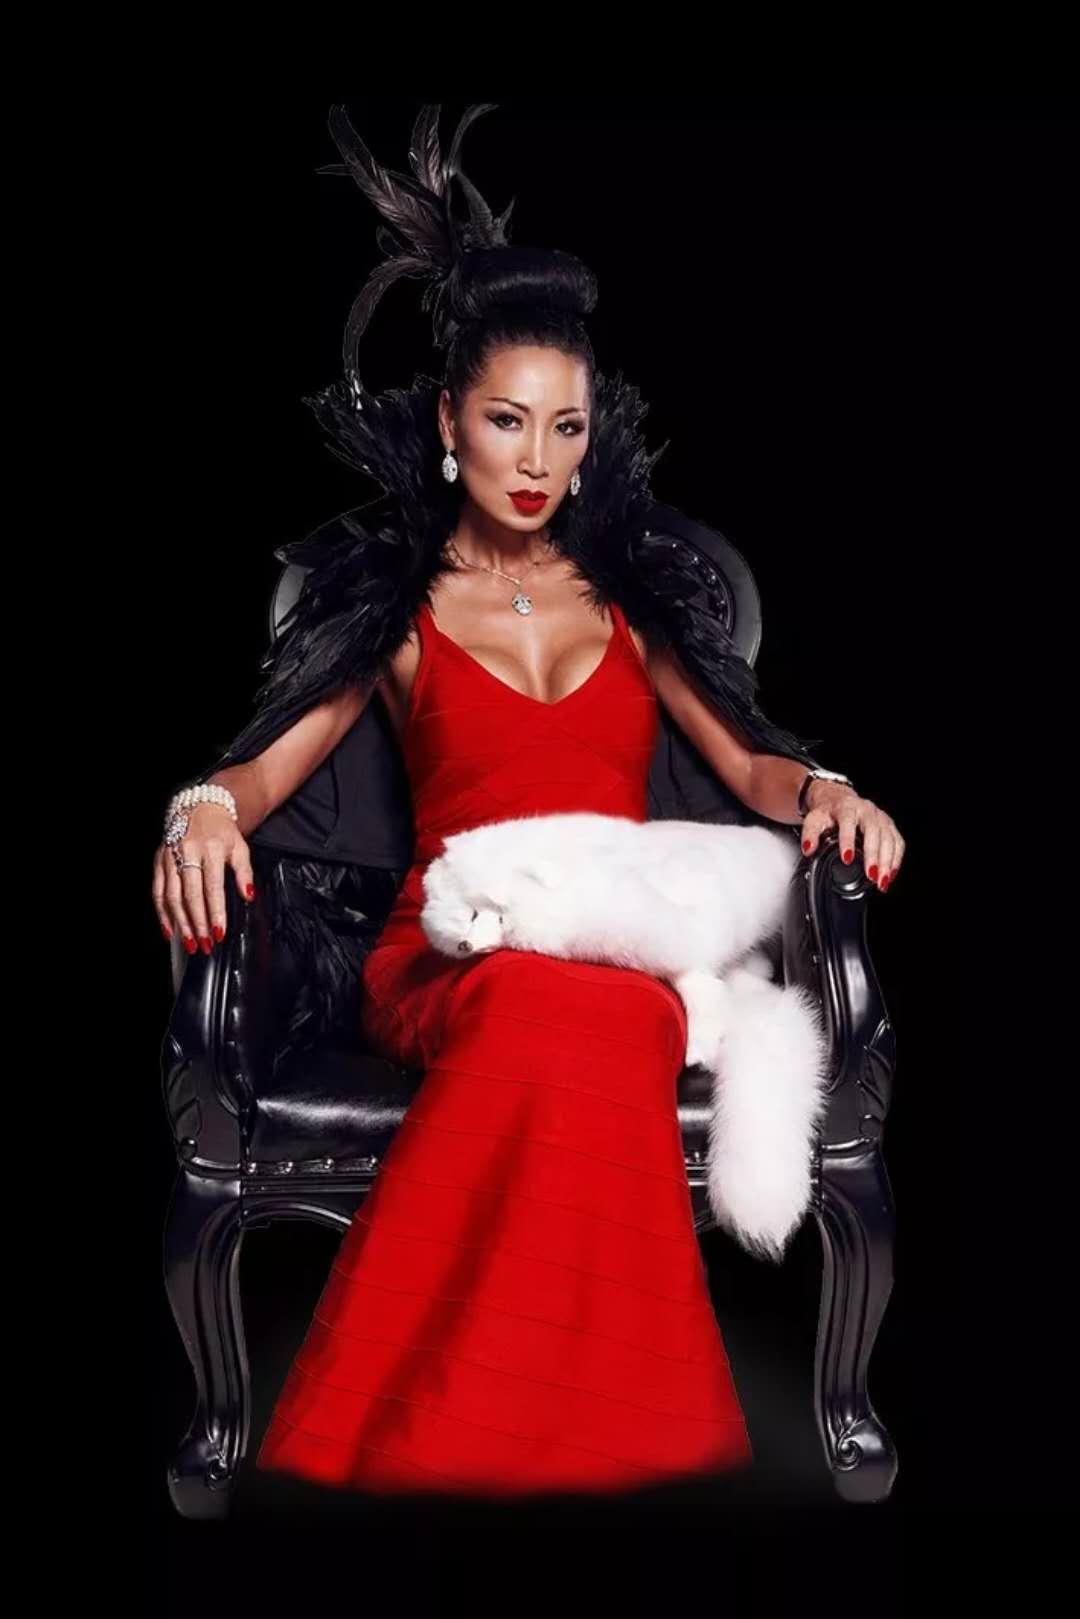 时尚女魔头唐拉拉,引领中国时尚新风尚|超模|唐拉拉